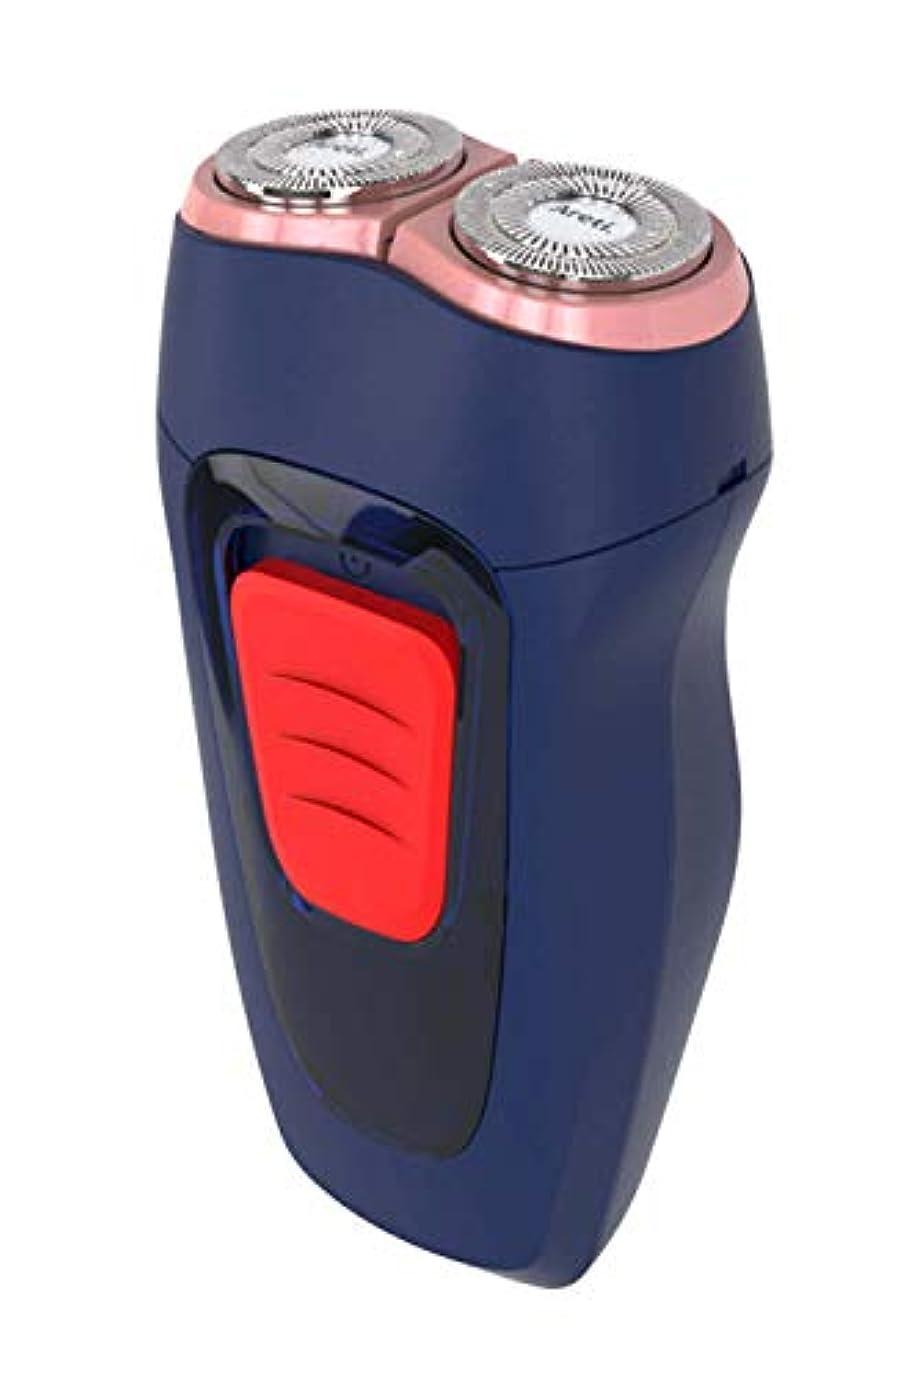 マーカー差別的メールを書くAreti【日本 本社 正規品】シェーバー USB充電 インディゴ 1年保証 2ヘッド 回転式 収納袋 付き 電動式